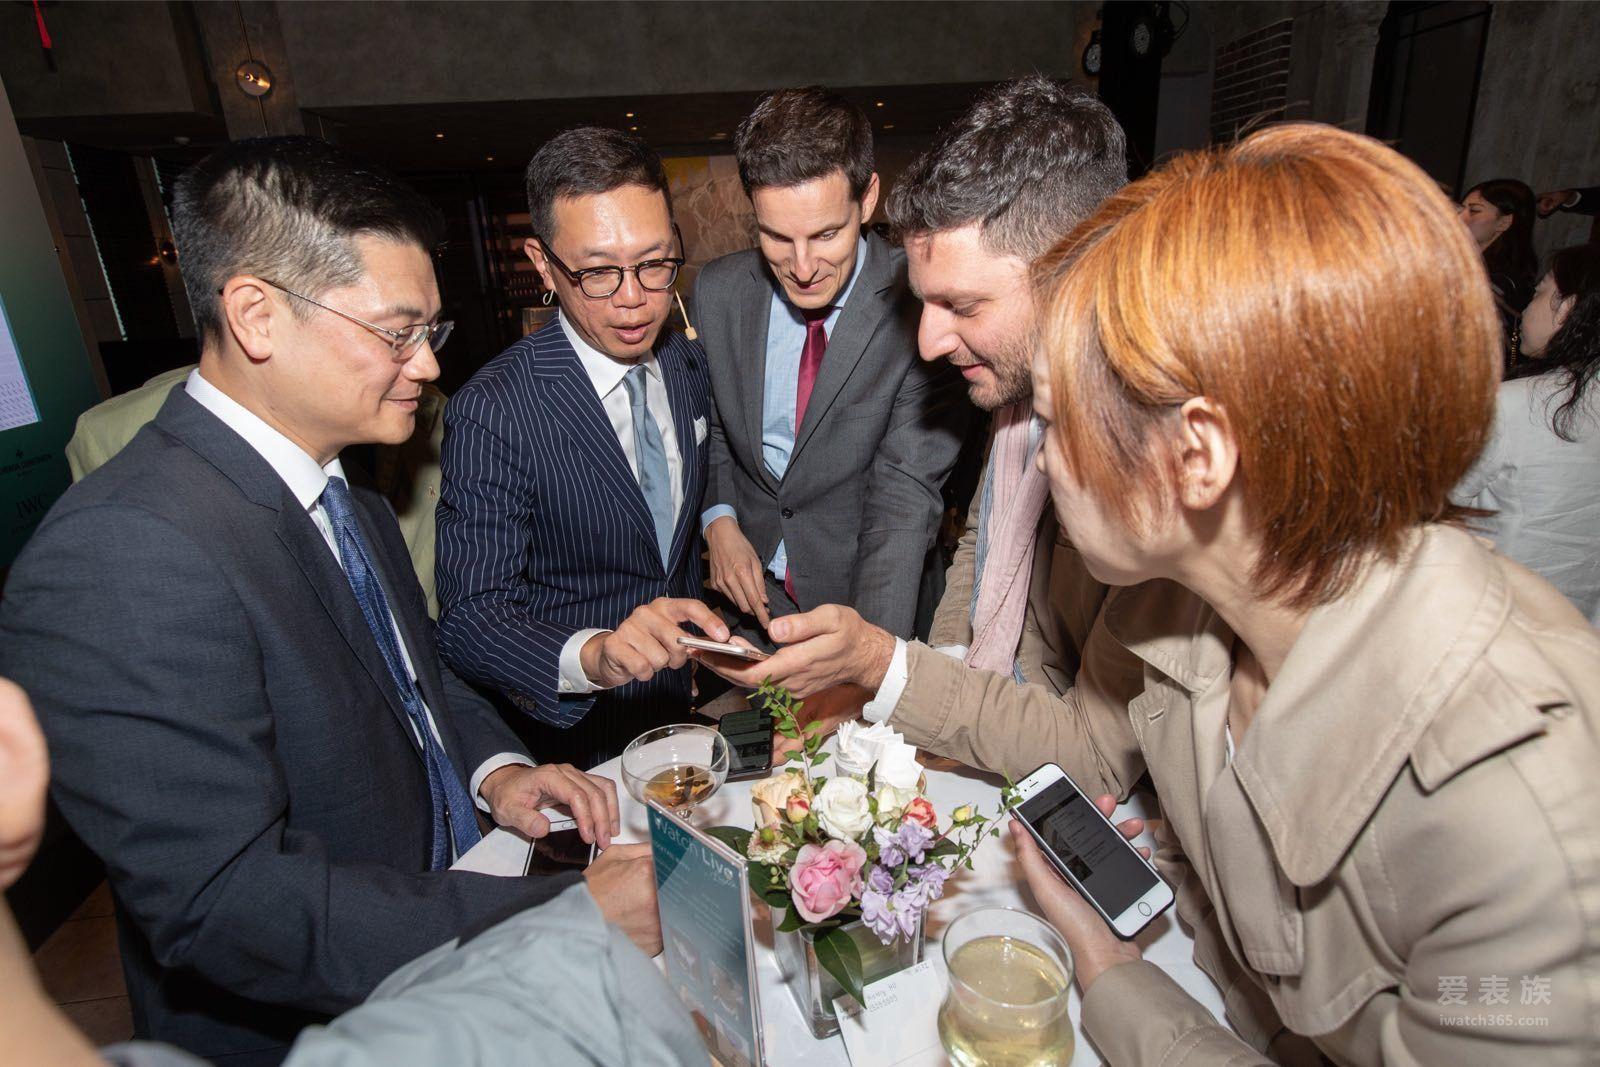 瑞士高级制表基金会强化其在中国市场的品牌定位 Watch Live全球上市暨上海发布会